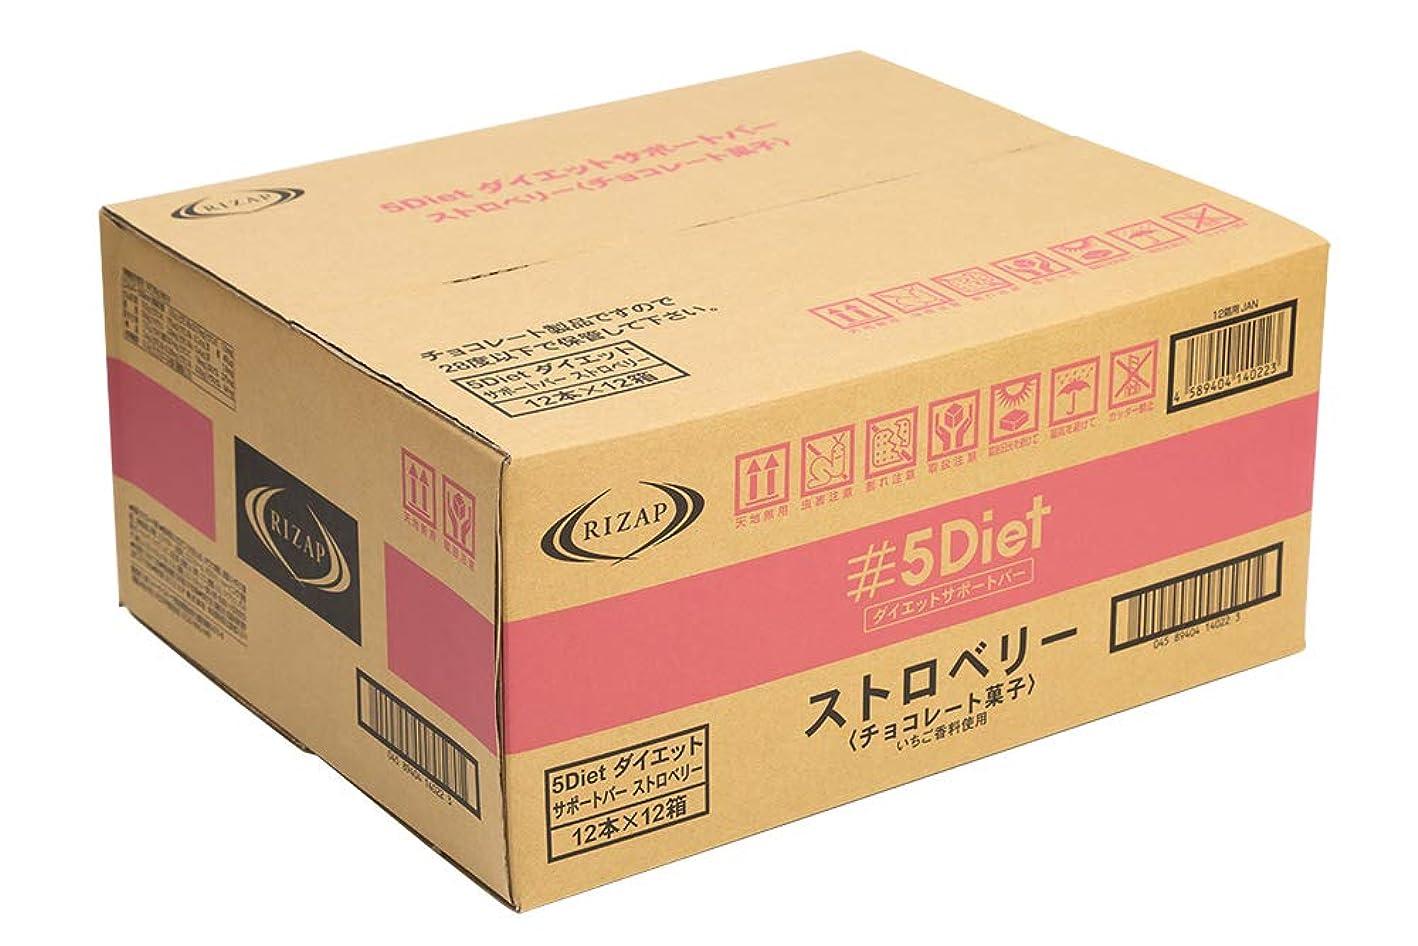 注入するカリングメール【ケース販売】RIZAP 5Diet サポートバー ストロベリー味 12本入×12箱